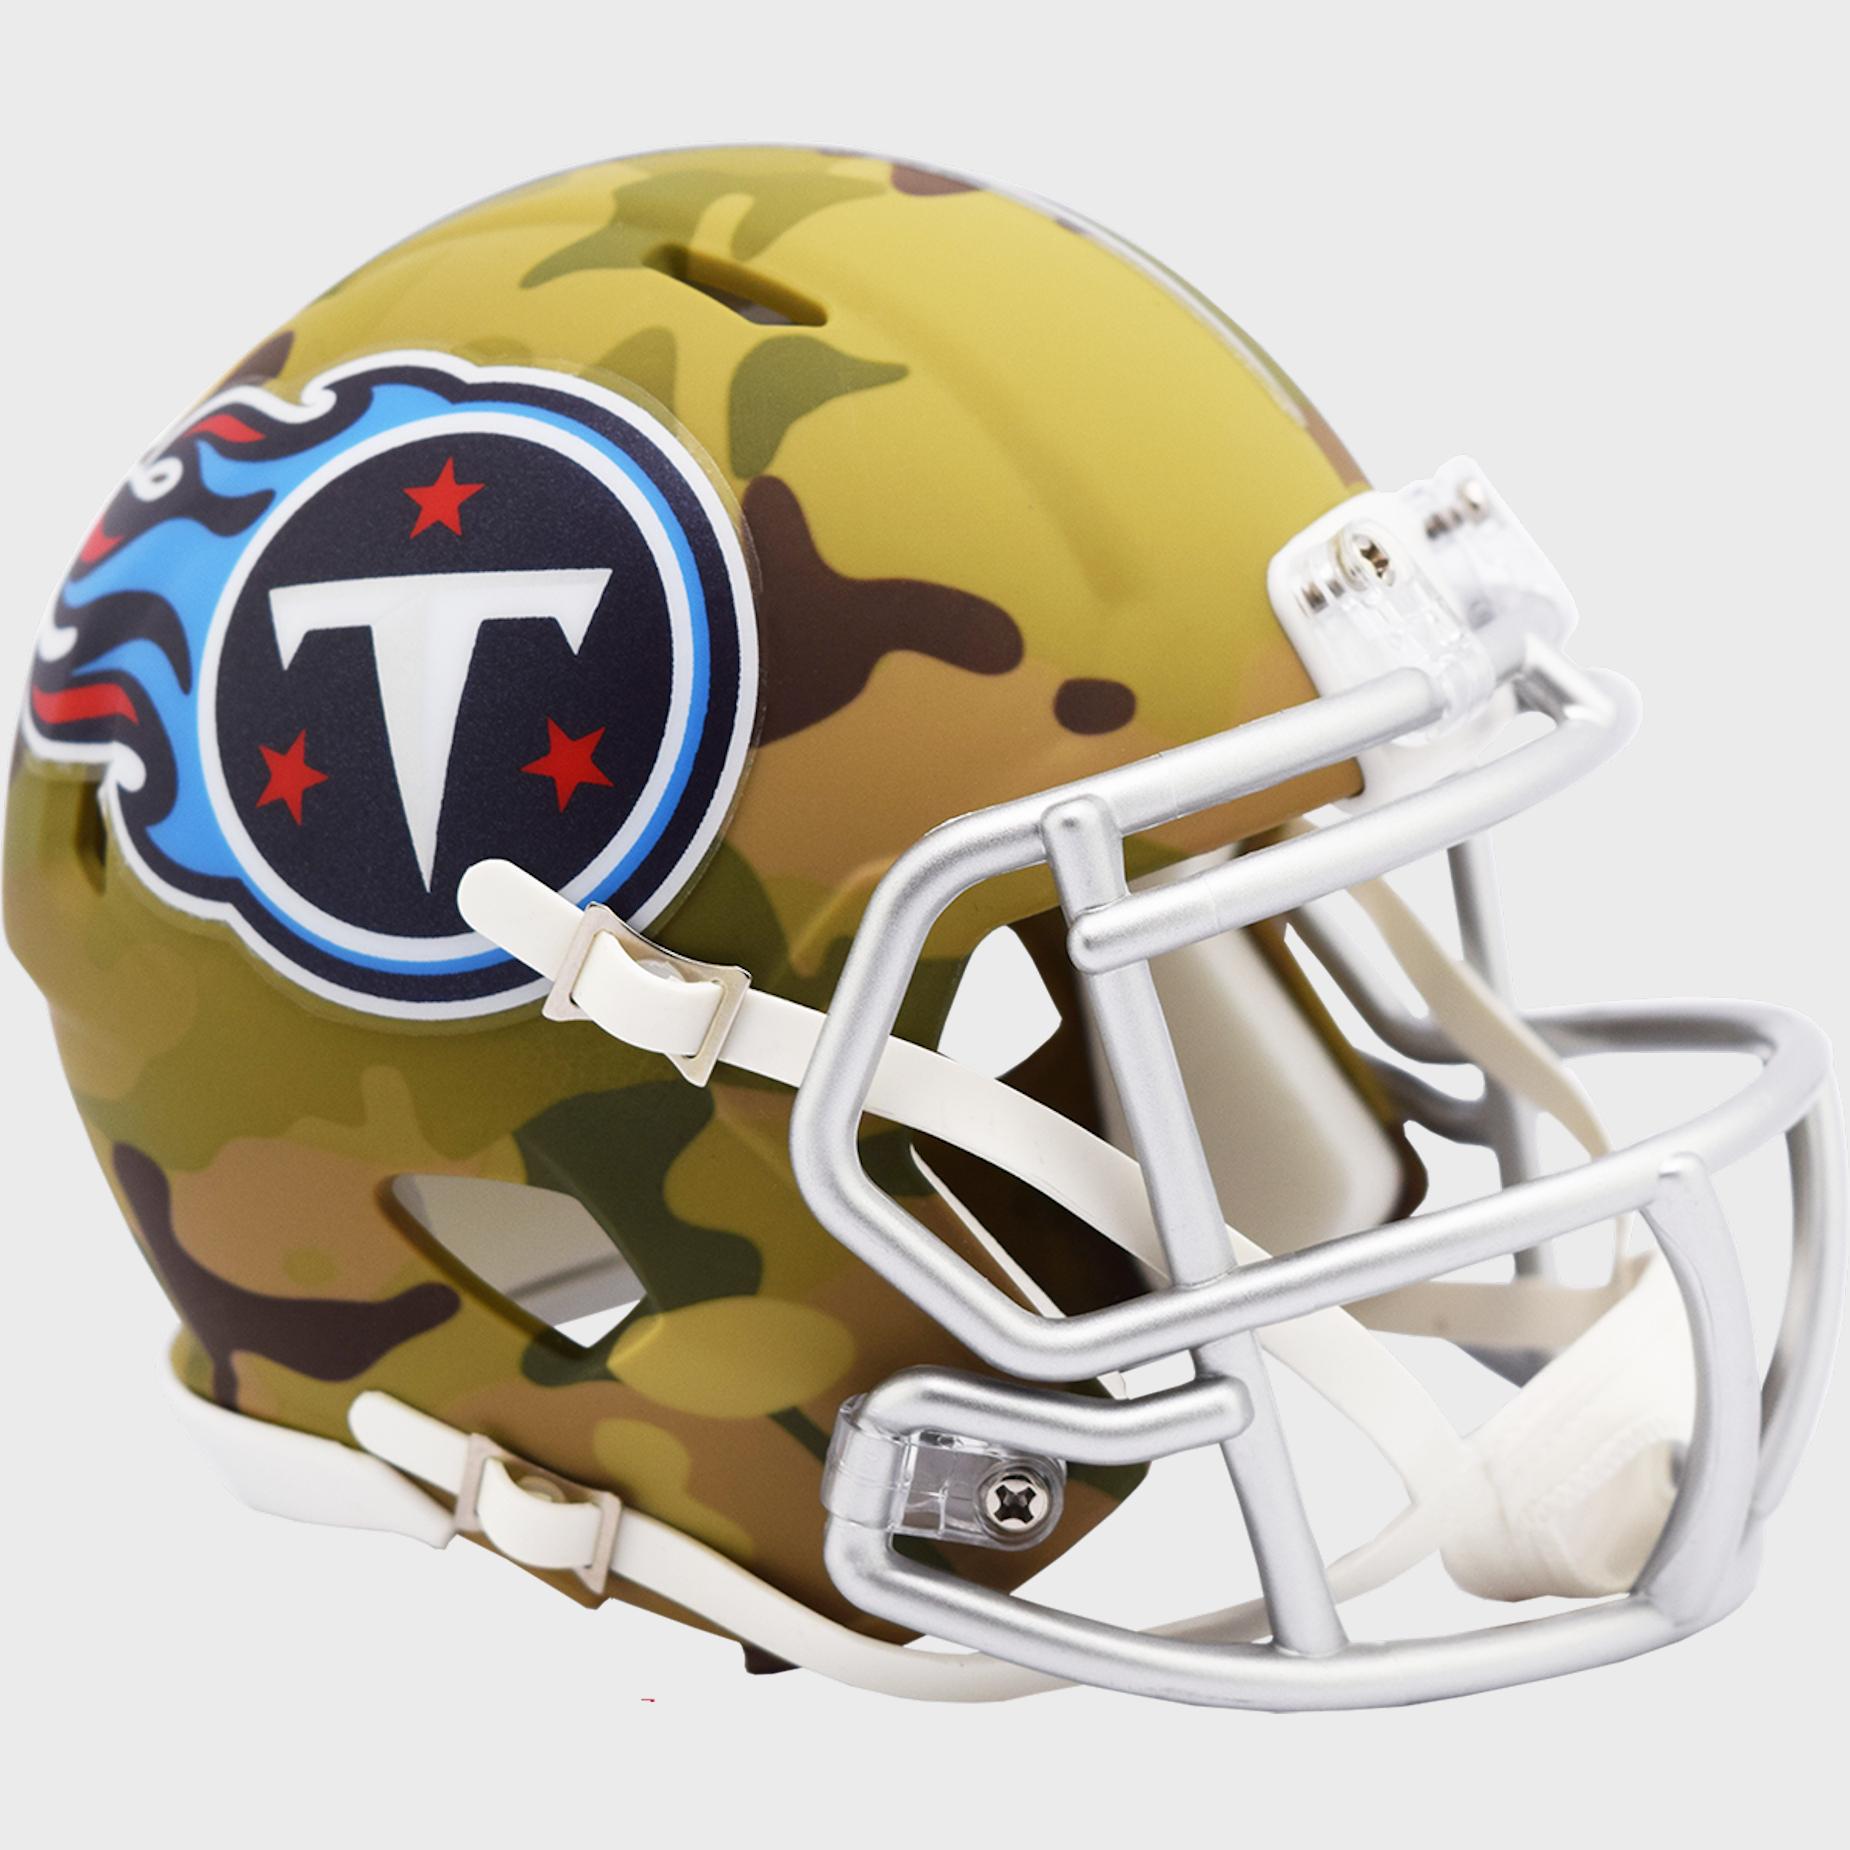 Tennessee Titans NFL Mini Speed Football Helmet <B>CAMO</B>